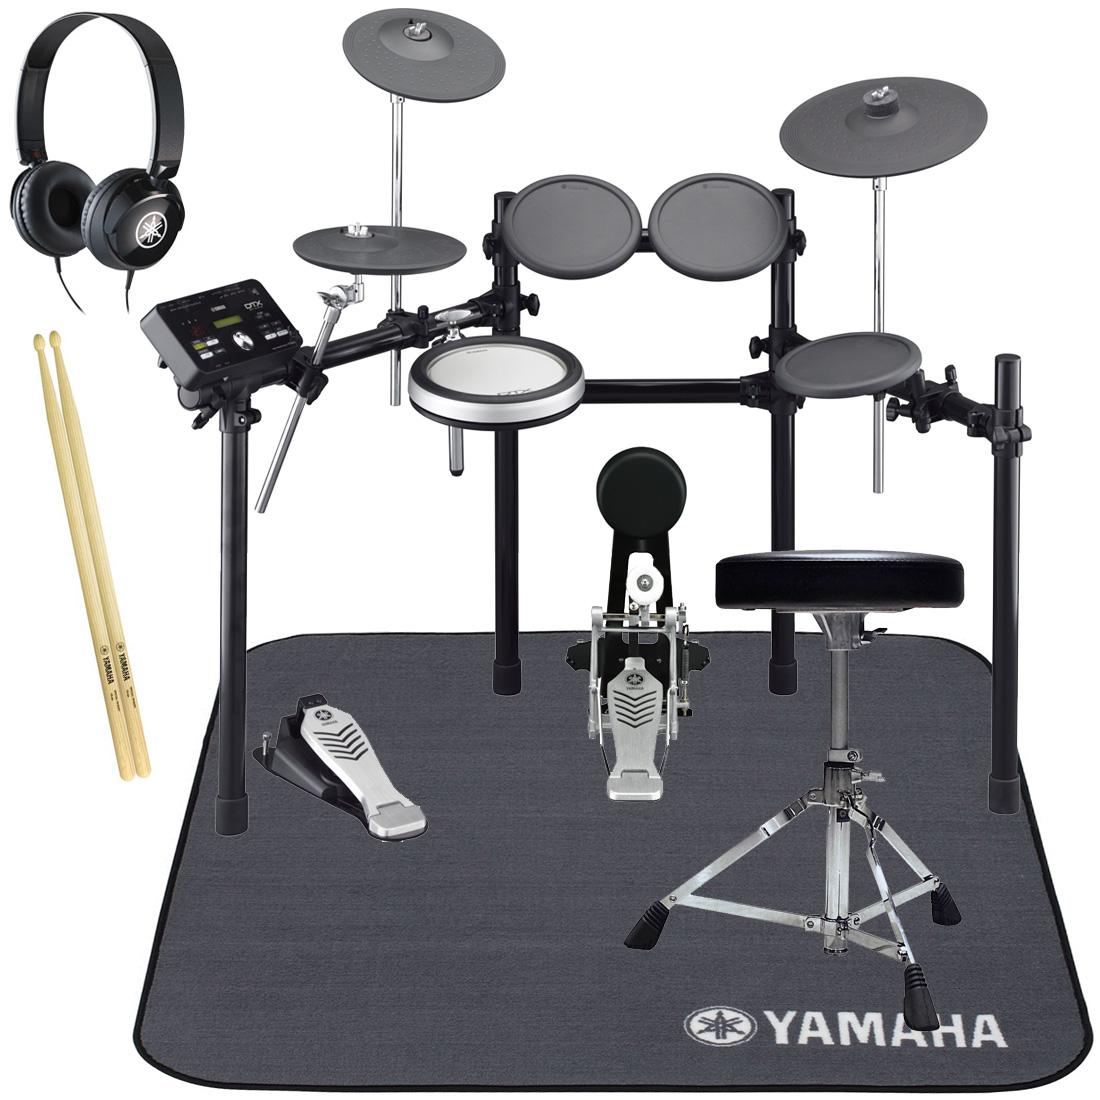 YAMAHA 電子ドラム DTX522KFS オールヤマハ 純正スターターパック/ドラムマットセット【YRK】